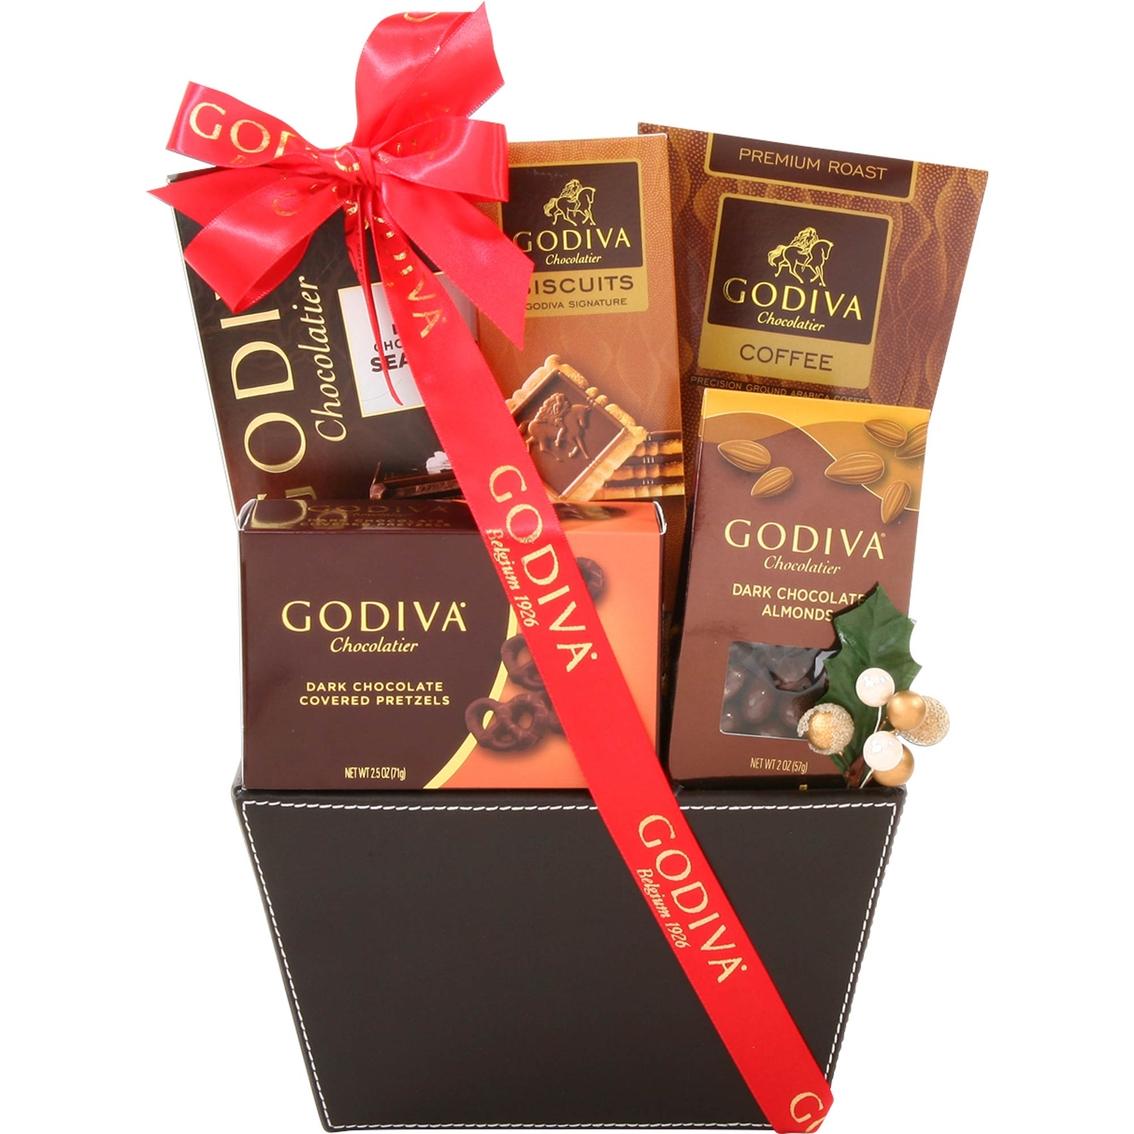 Godiva Dark Chocolate Lovers Gift Basket | Do Not Use Til 2018 ...